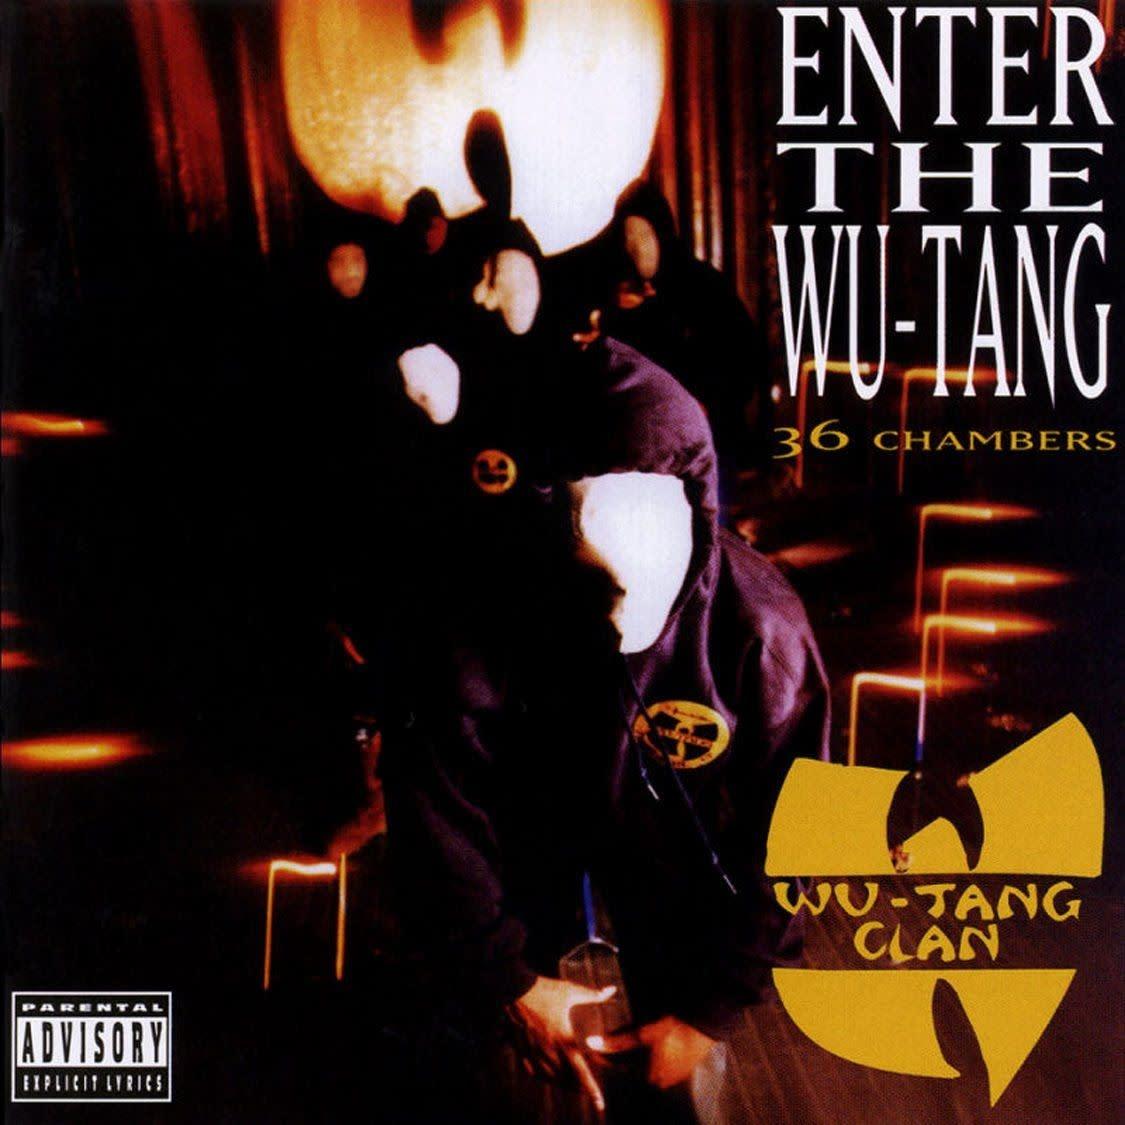 Wu-Tang Clan • Enter The Wu-Tang (36 Chambers)-1